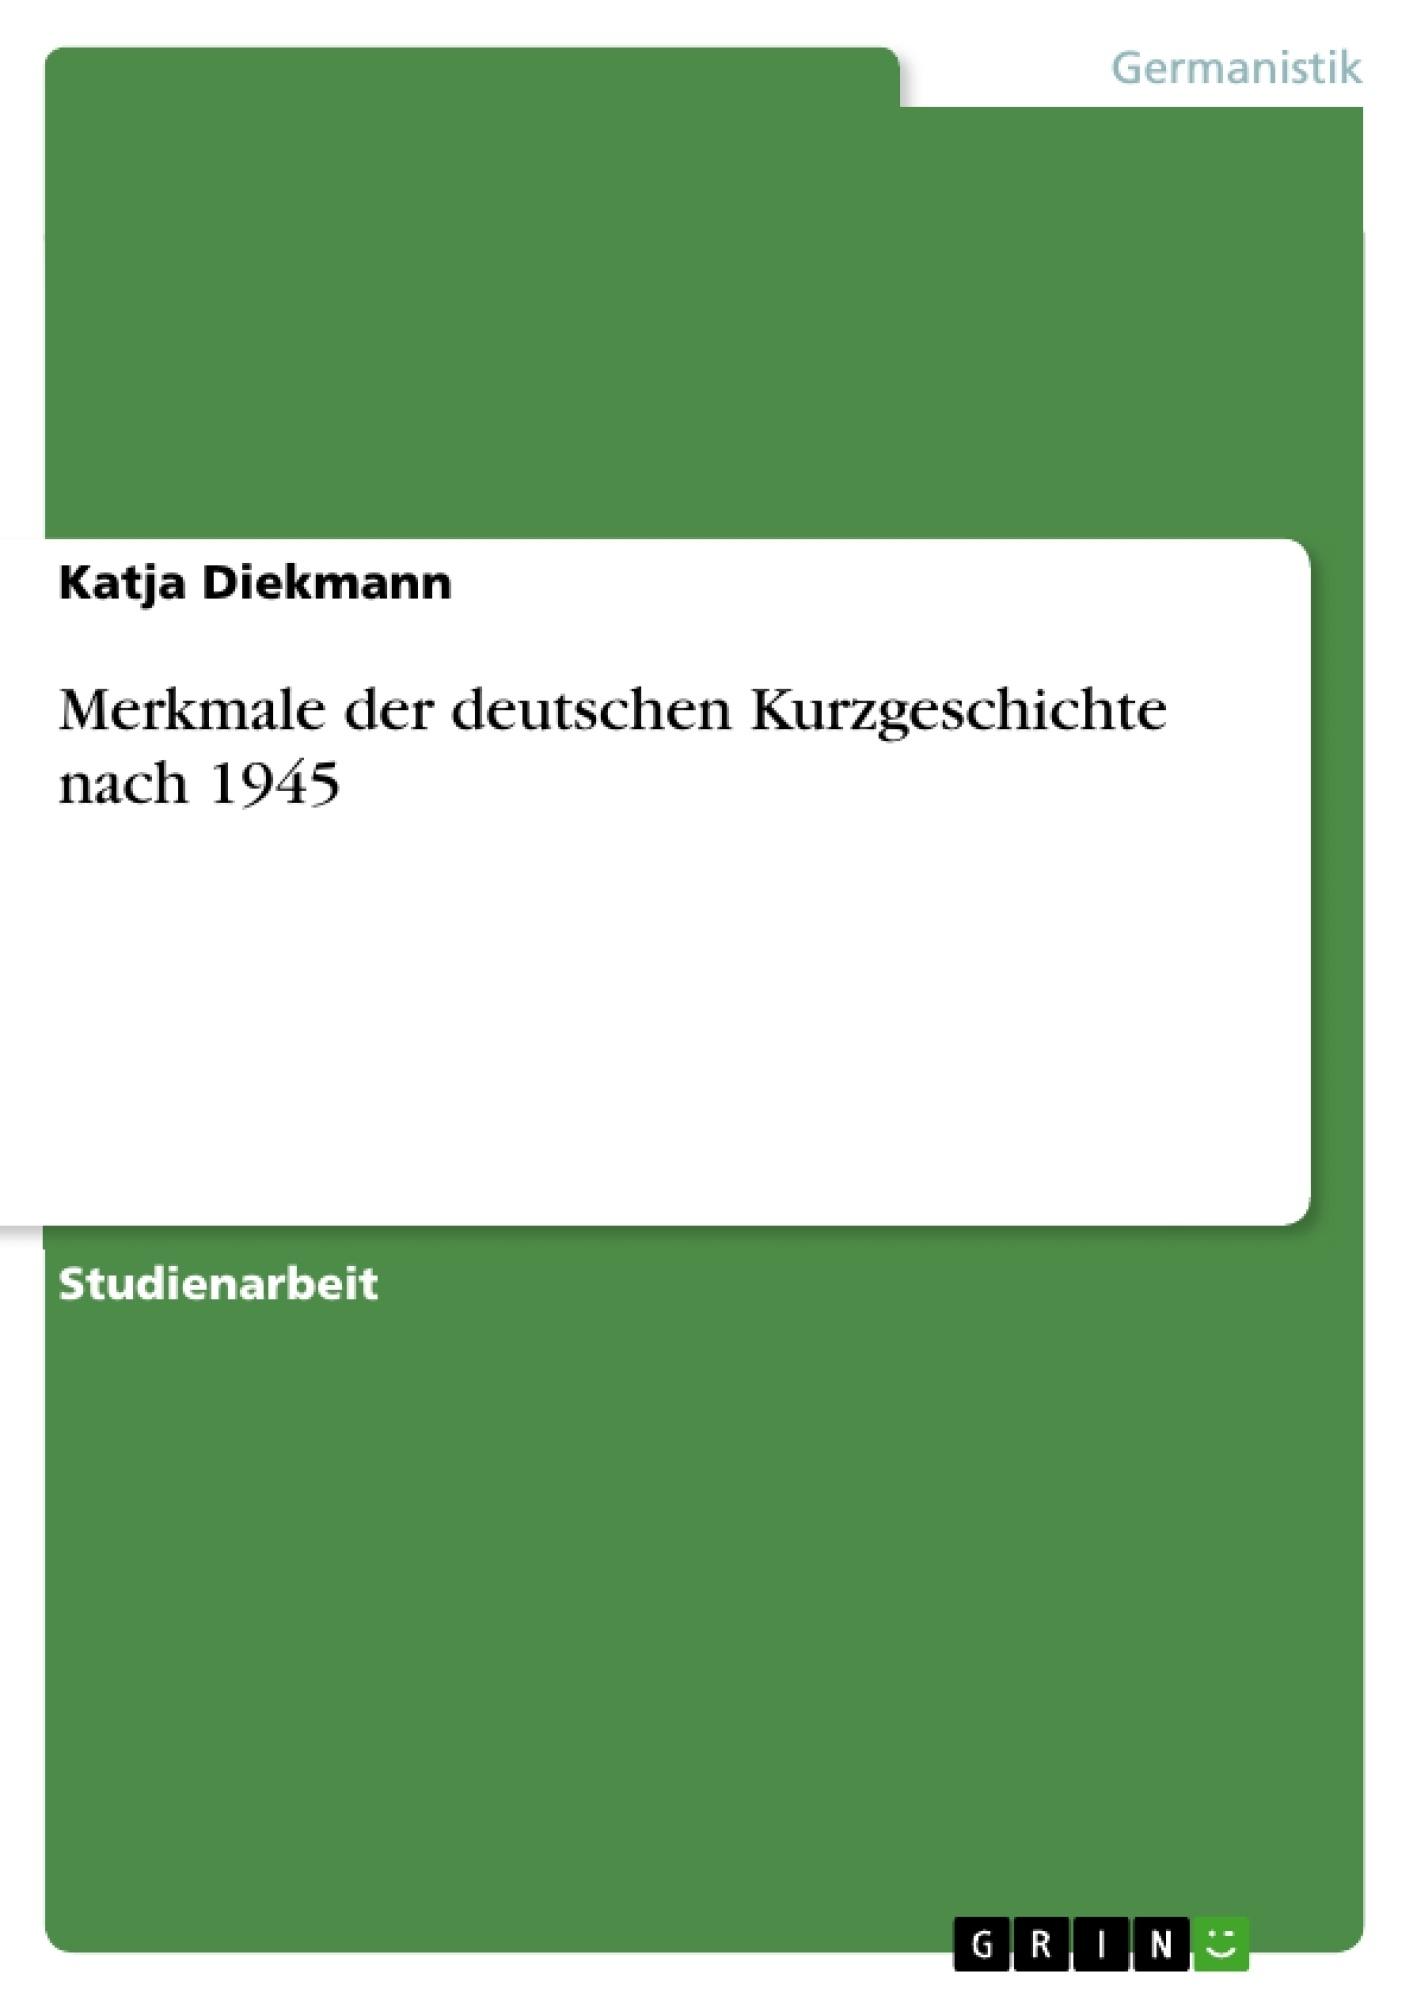 Titel: Merkmale der deutschen Kurzgeschichte nach 1945